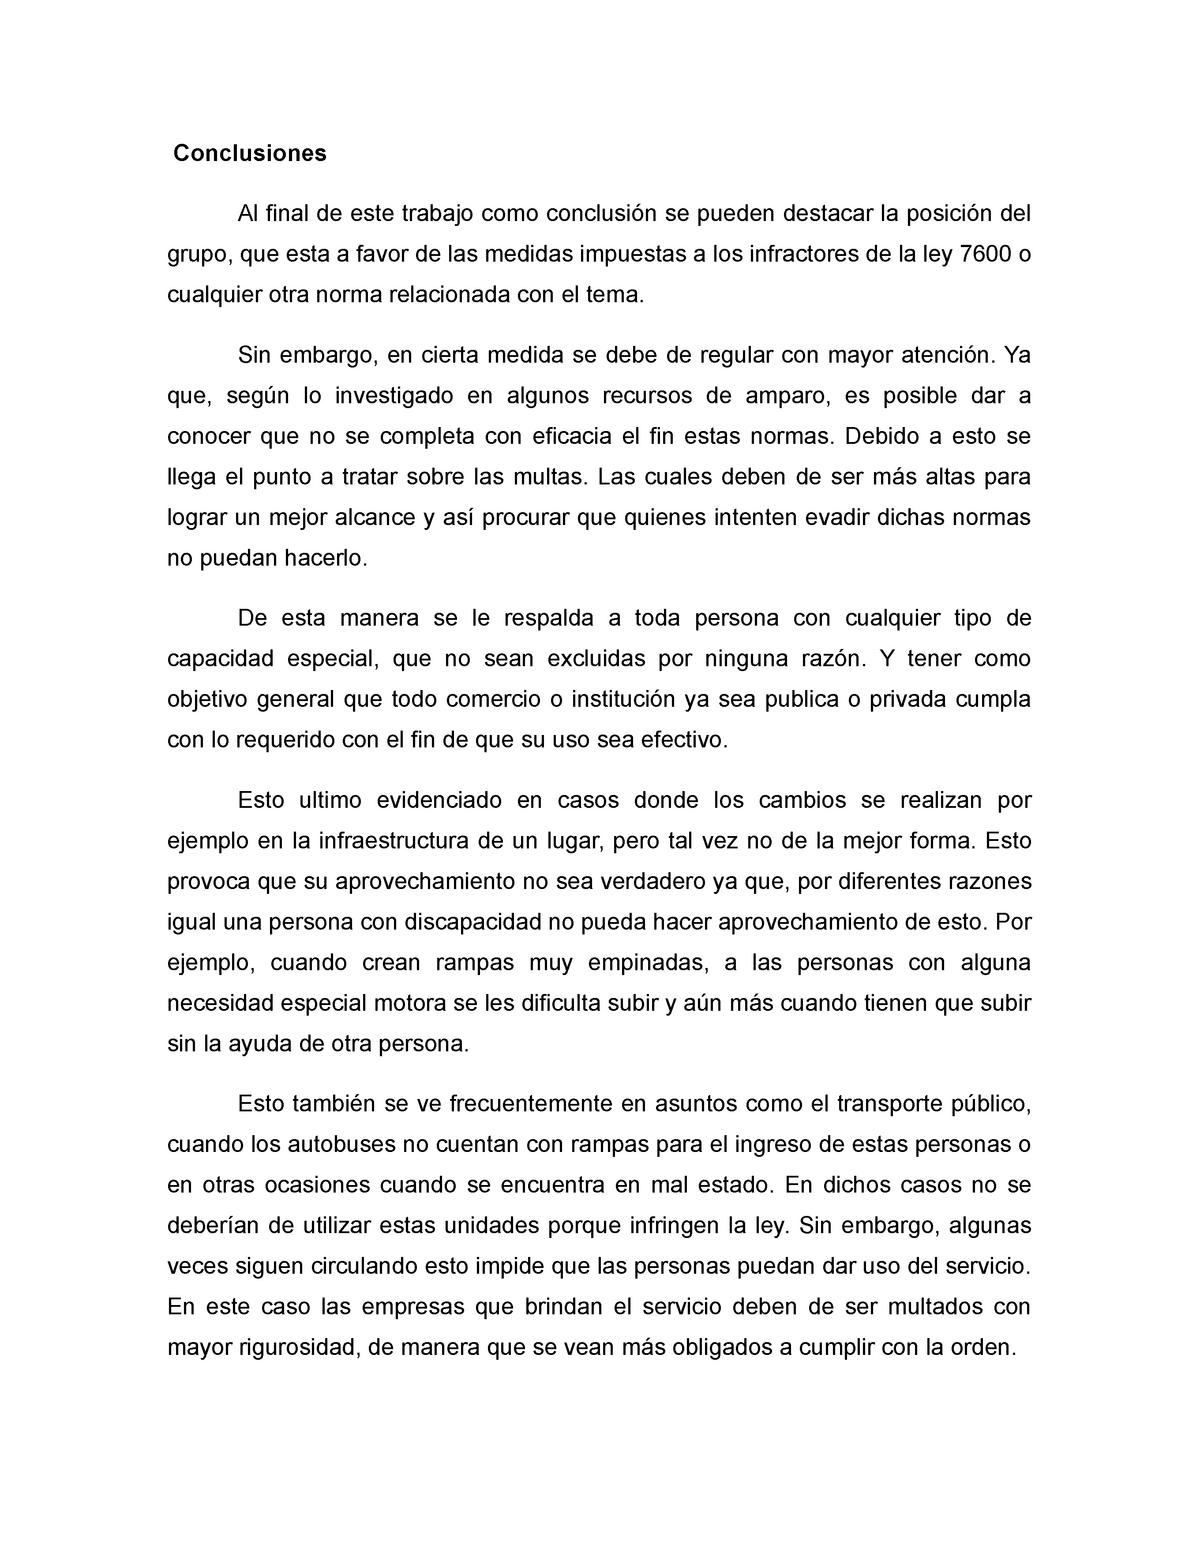 Conclusiones Derecho Romano La Libre Studocu